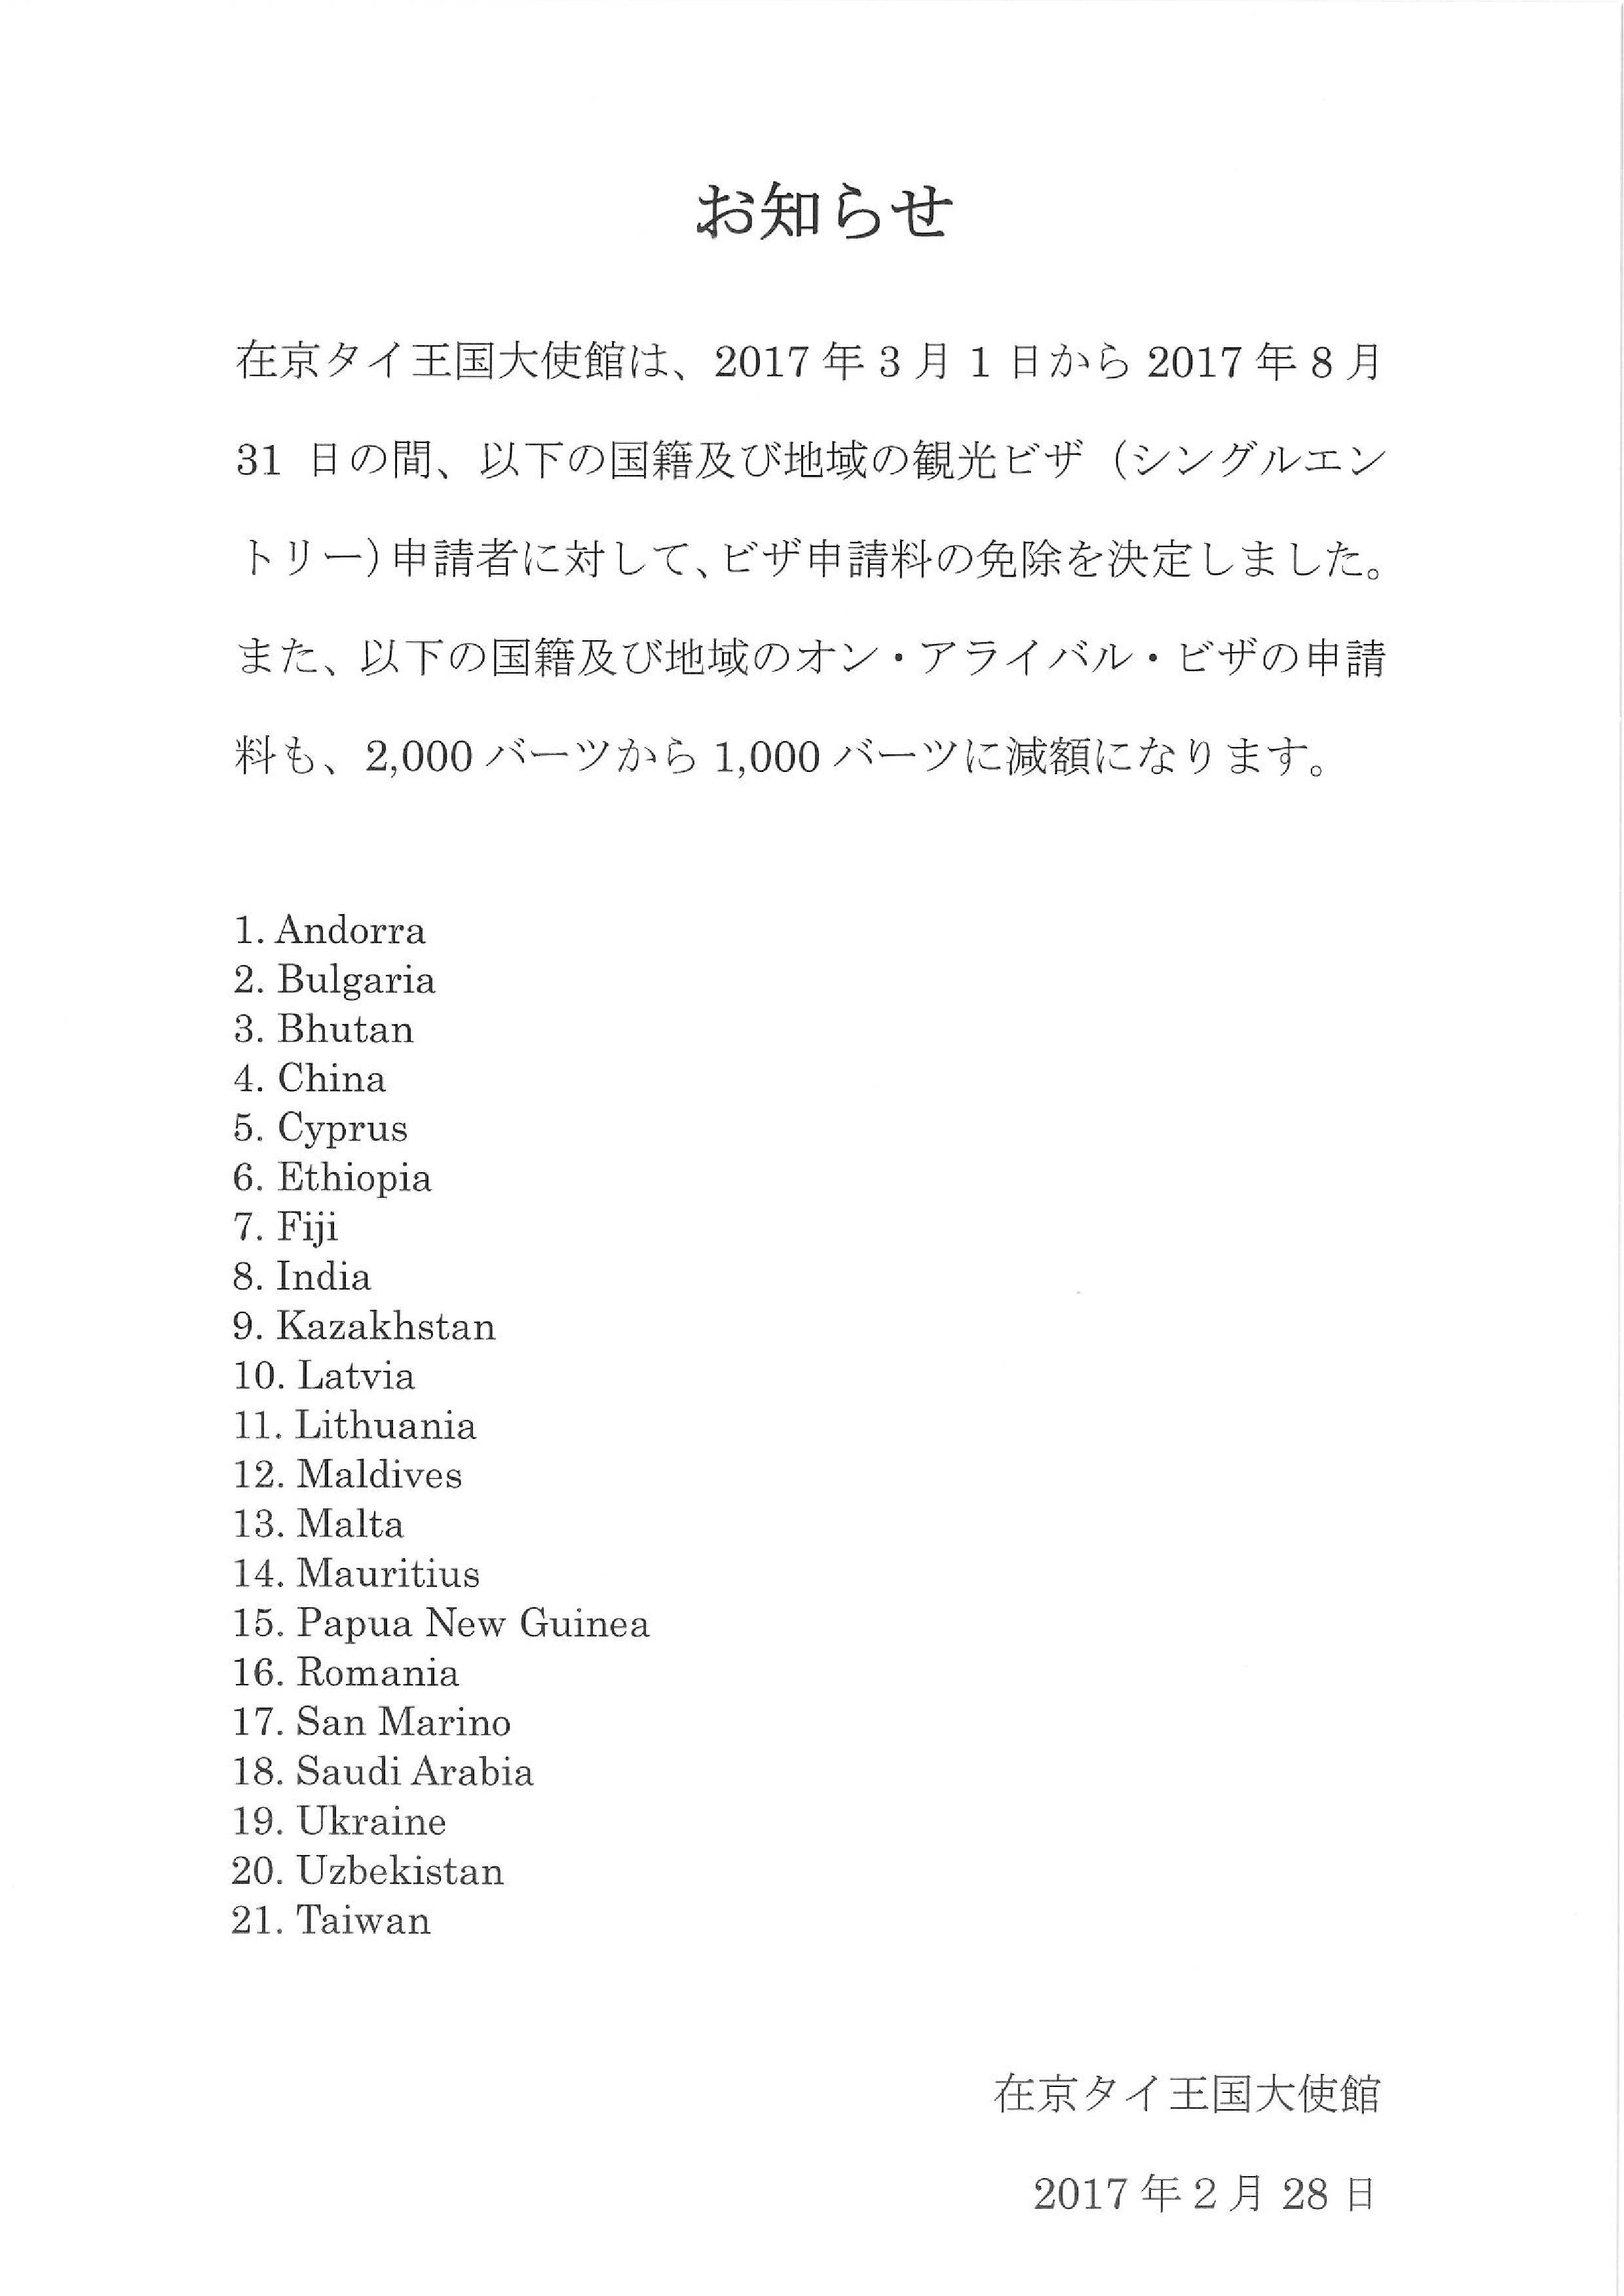 visaannouncement-jp